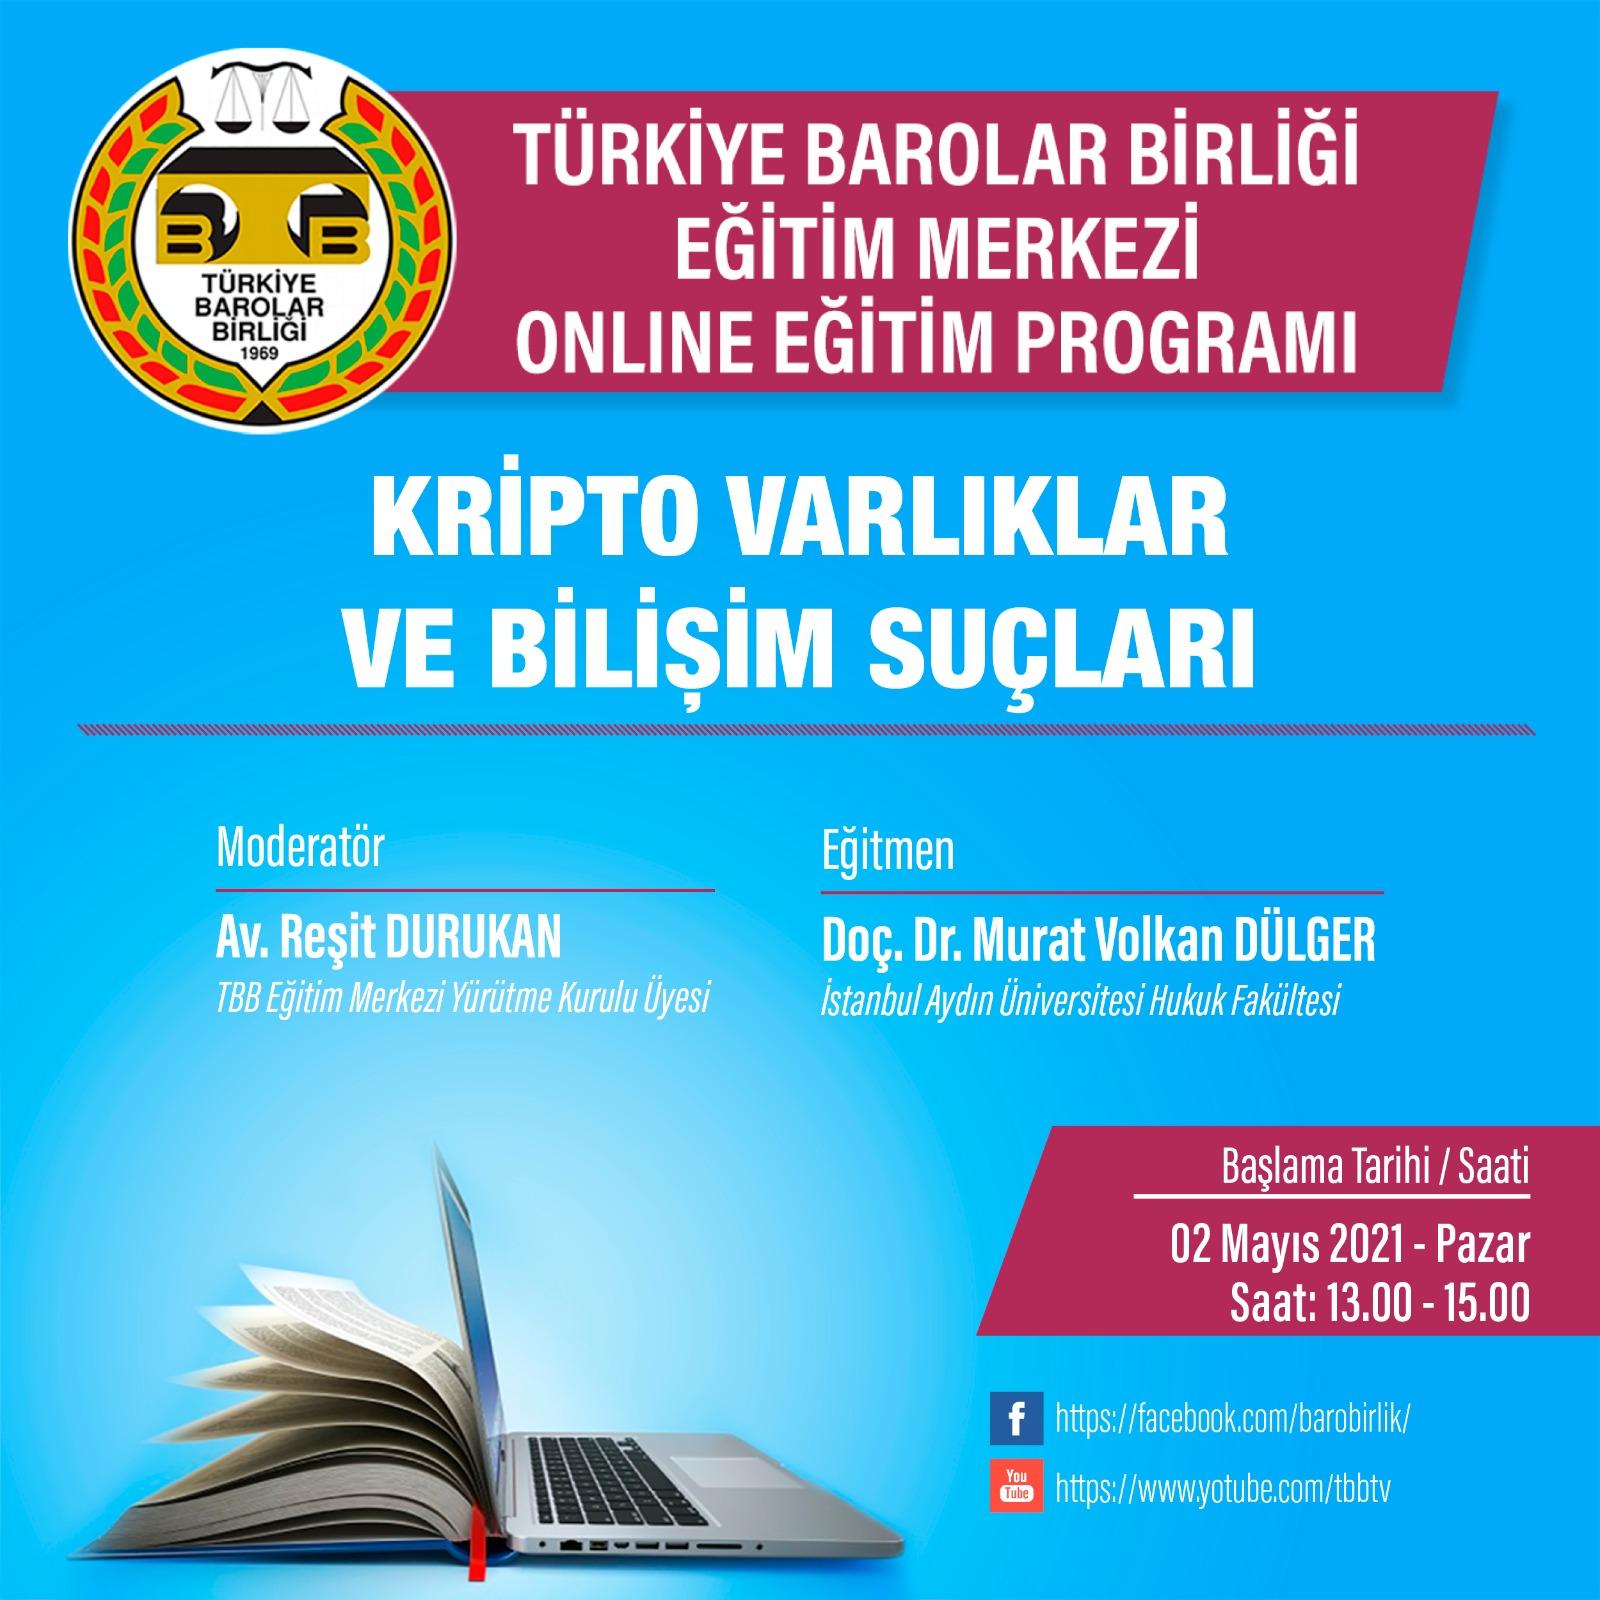 TBB Eğitim Merkezi Online Eğitim 02.05.2021